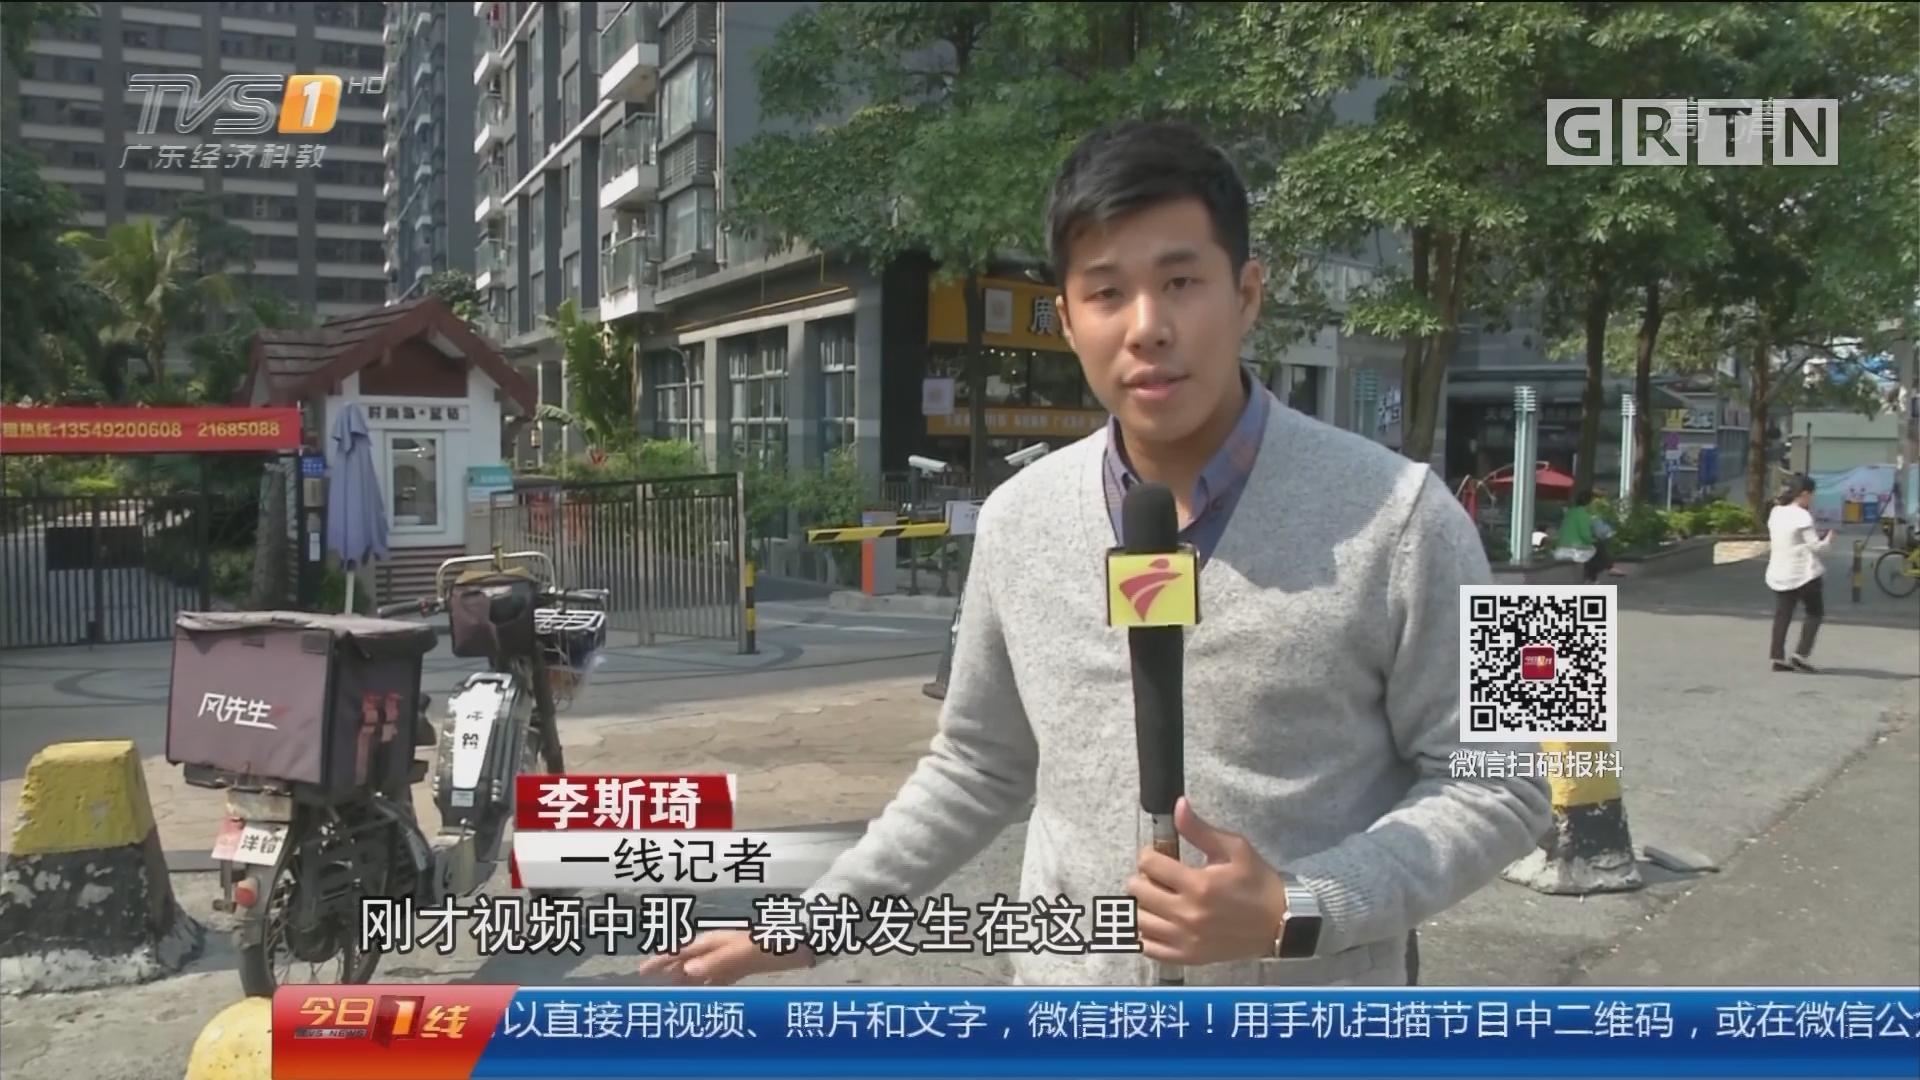 东莞南城:因小区占道 外卖小哥遭暴力驱赶